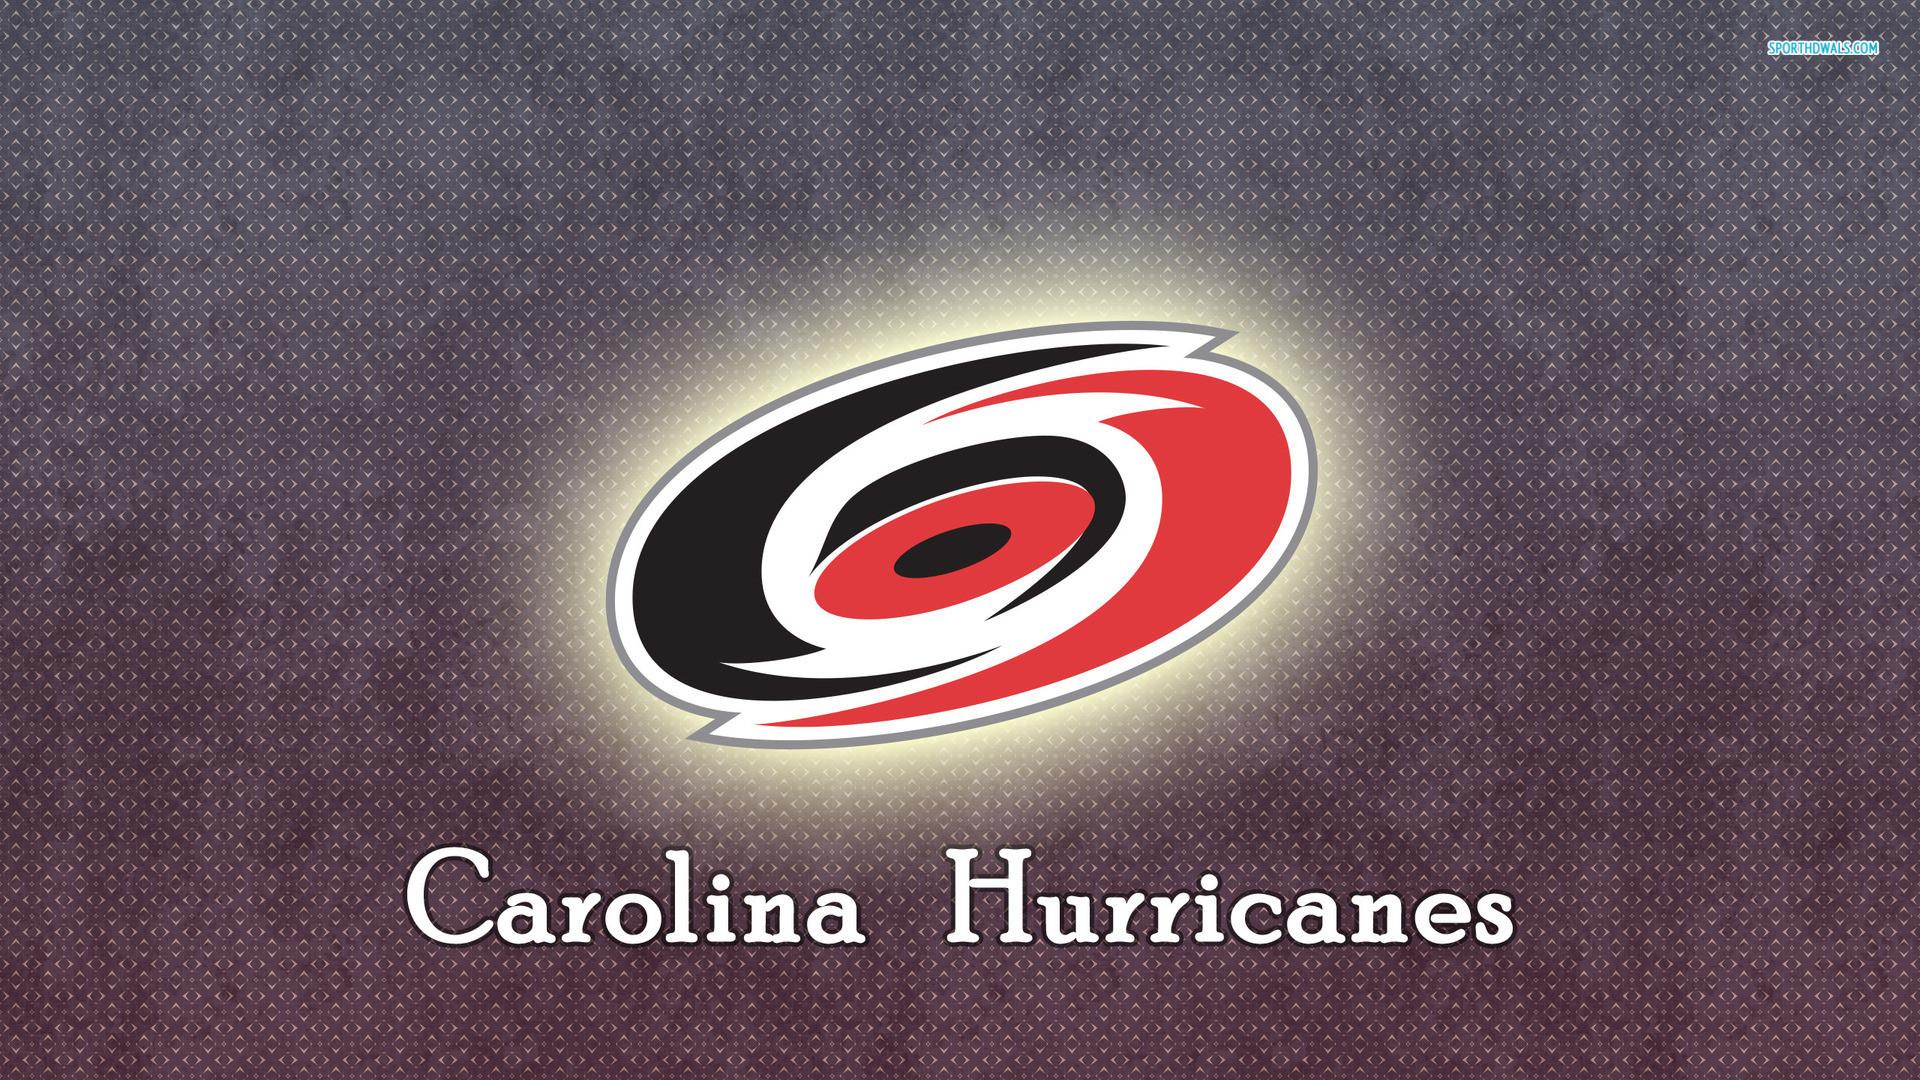 Hockey Jussi Jokinen Carolina Hurricanes wallpaper x   HD Wallpapers    Pinterest   Carolina hurricanes, Hd wallpaper and Wallpaper